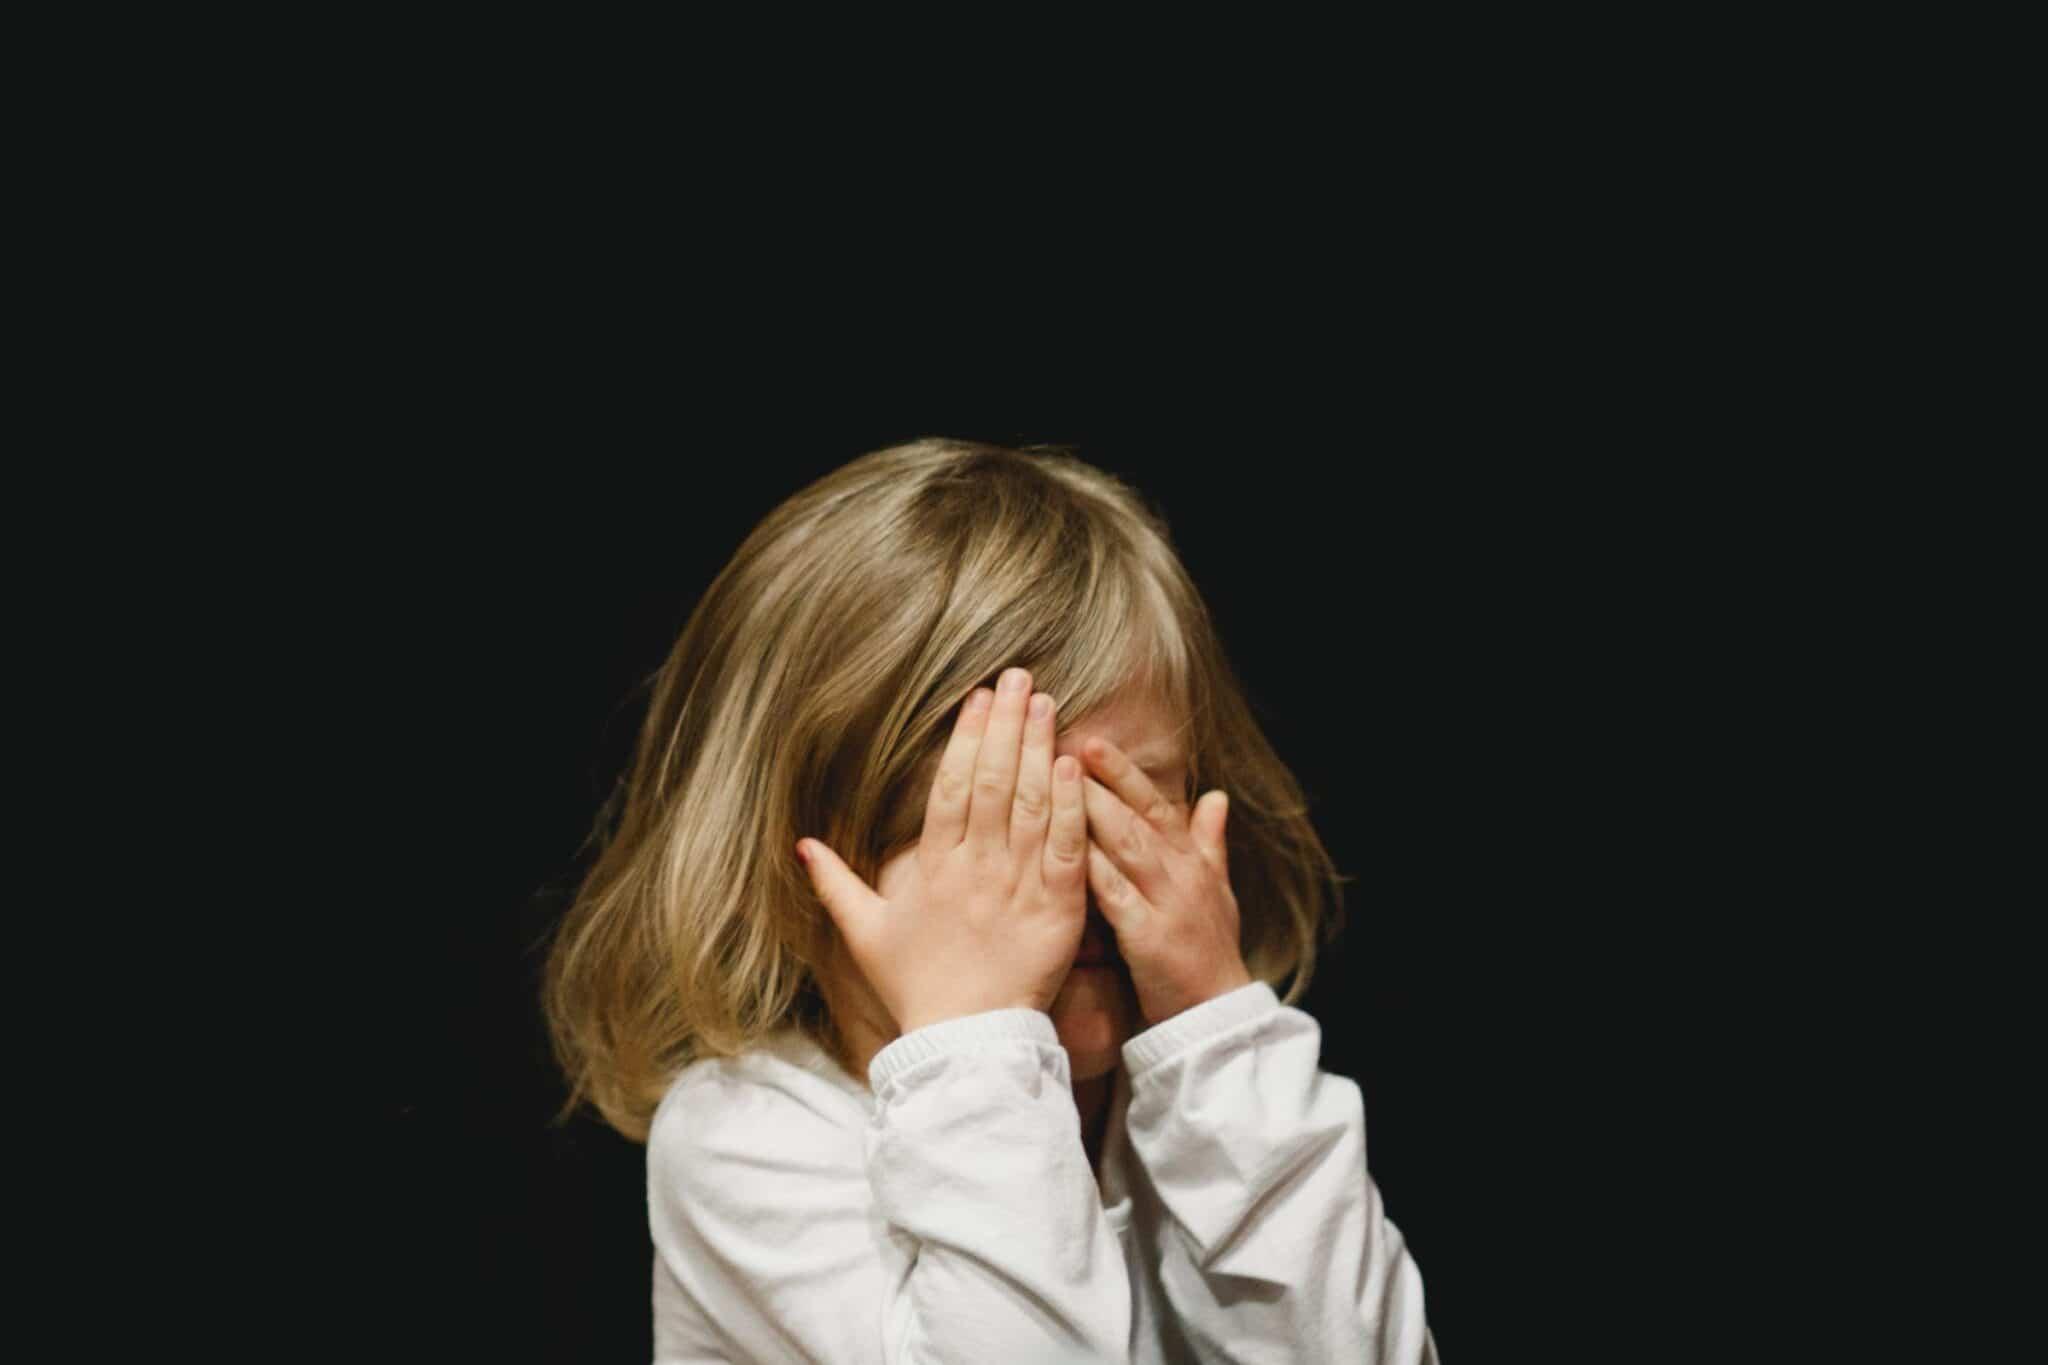 Pedofilia femminile, fenomeno sottovalutato <br> Eppure i due generi si equivalgono nella spietatezza